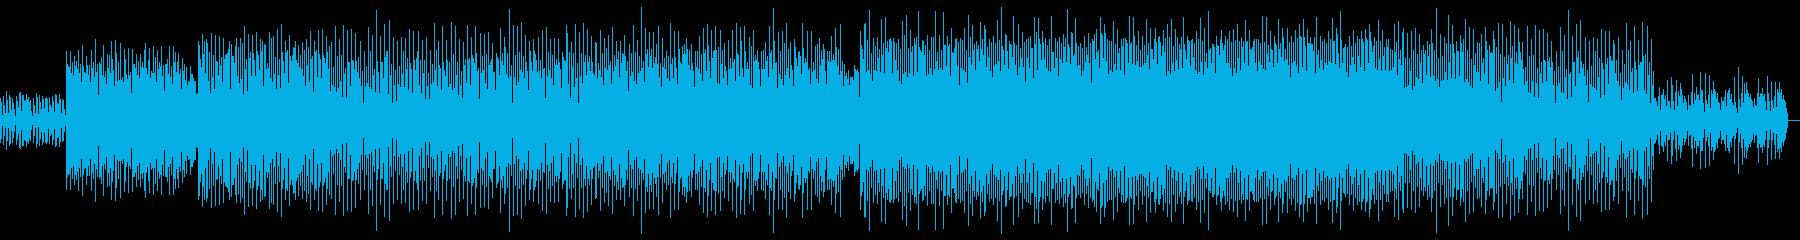 少し控えめなEDMの再生済みの波形